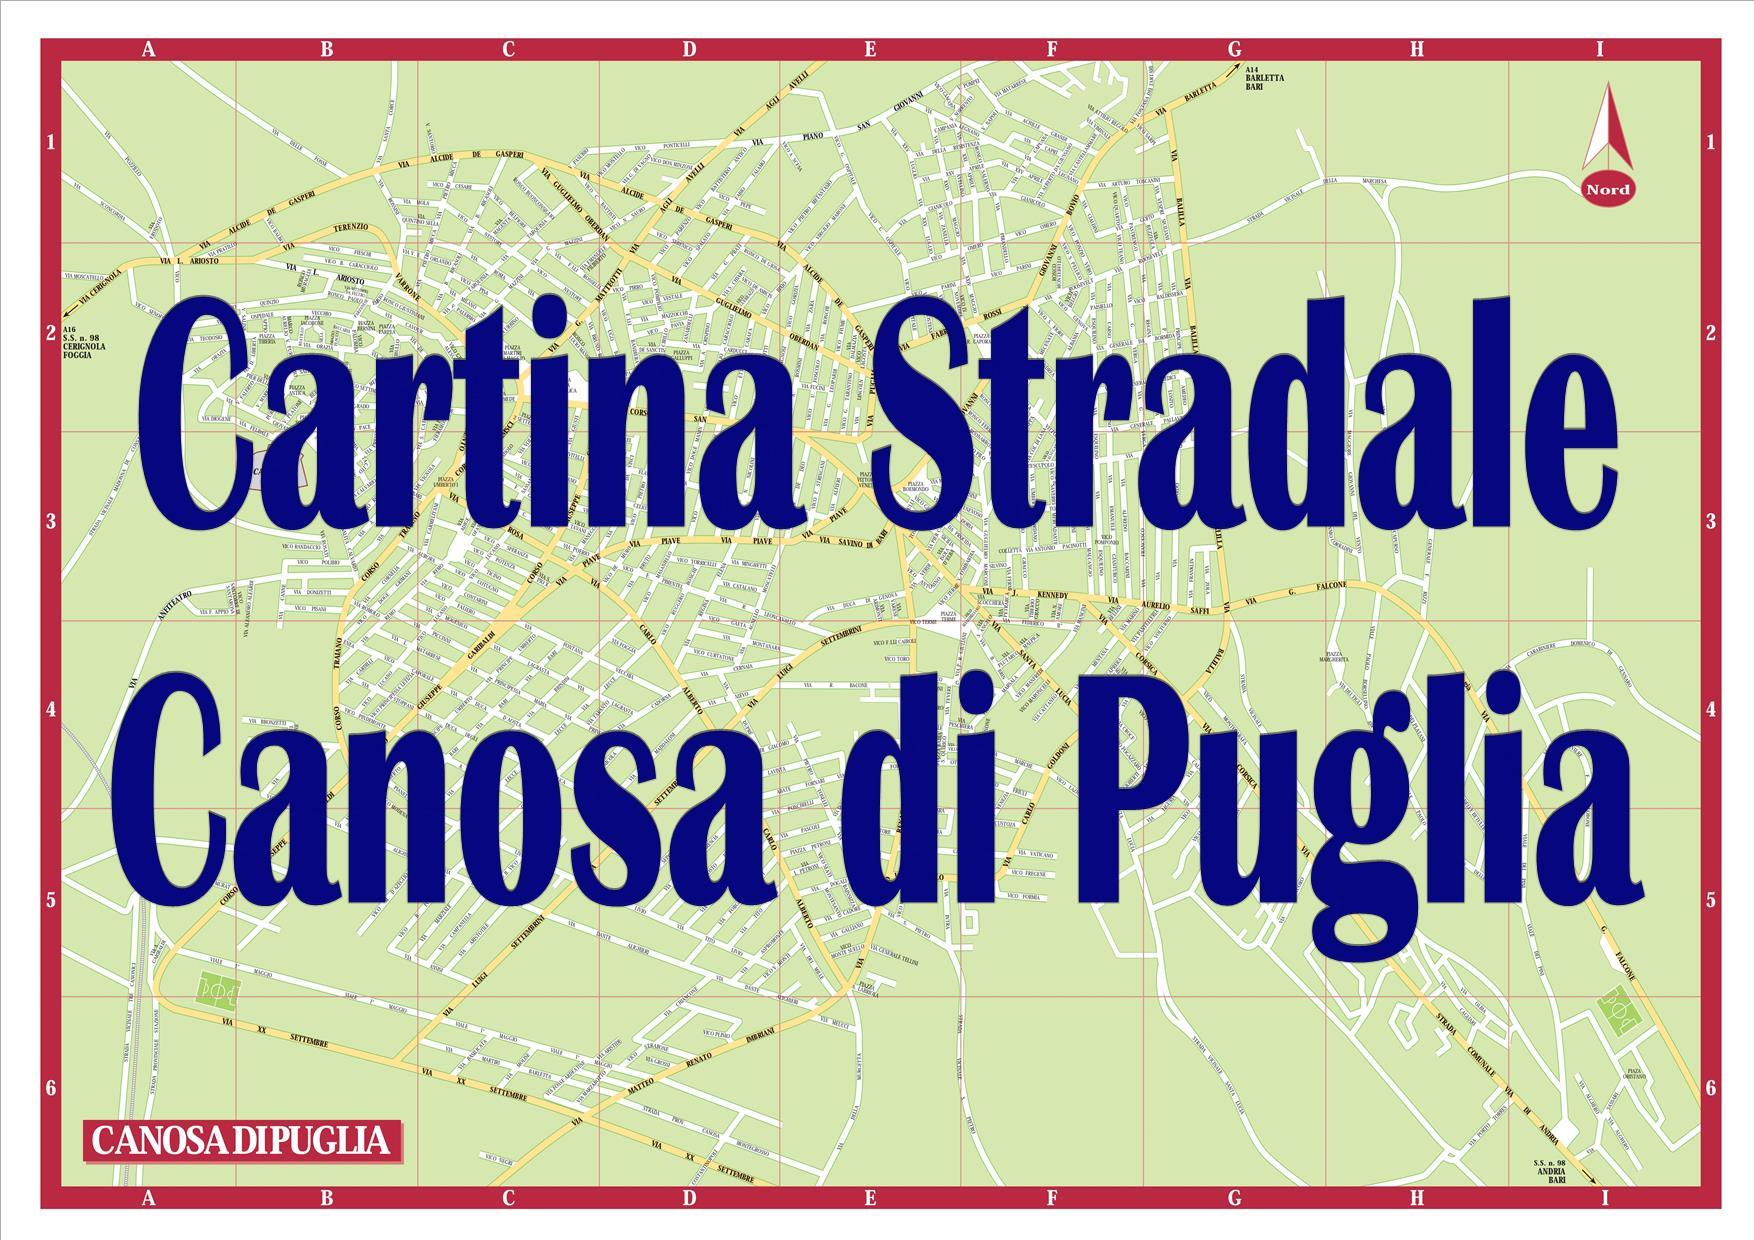 cartina_stradale_canosa_di_puglia.2